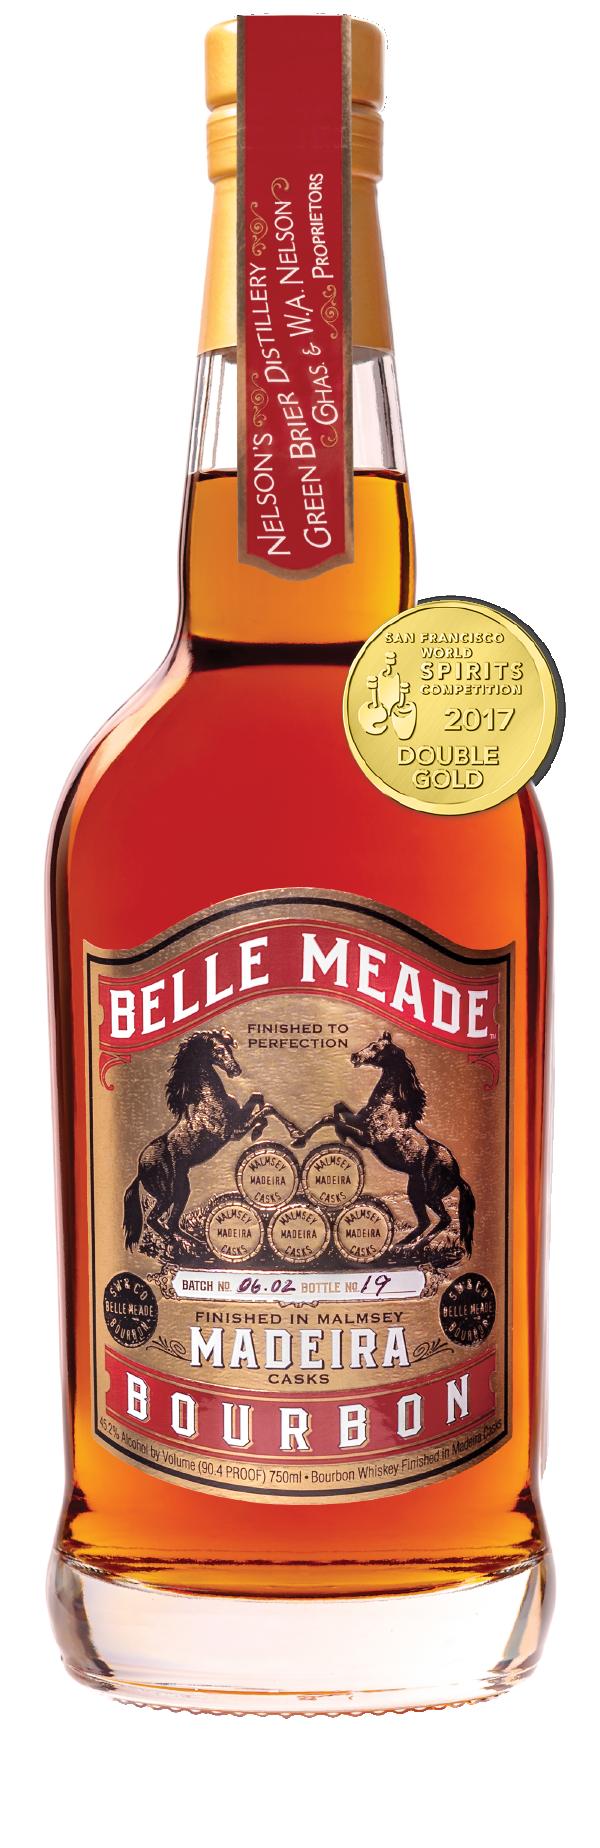 Belle Meade Bourbon Madeira Cask Finish